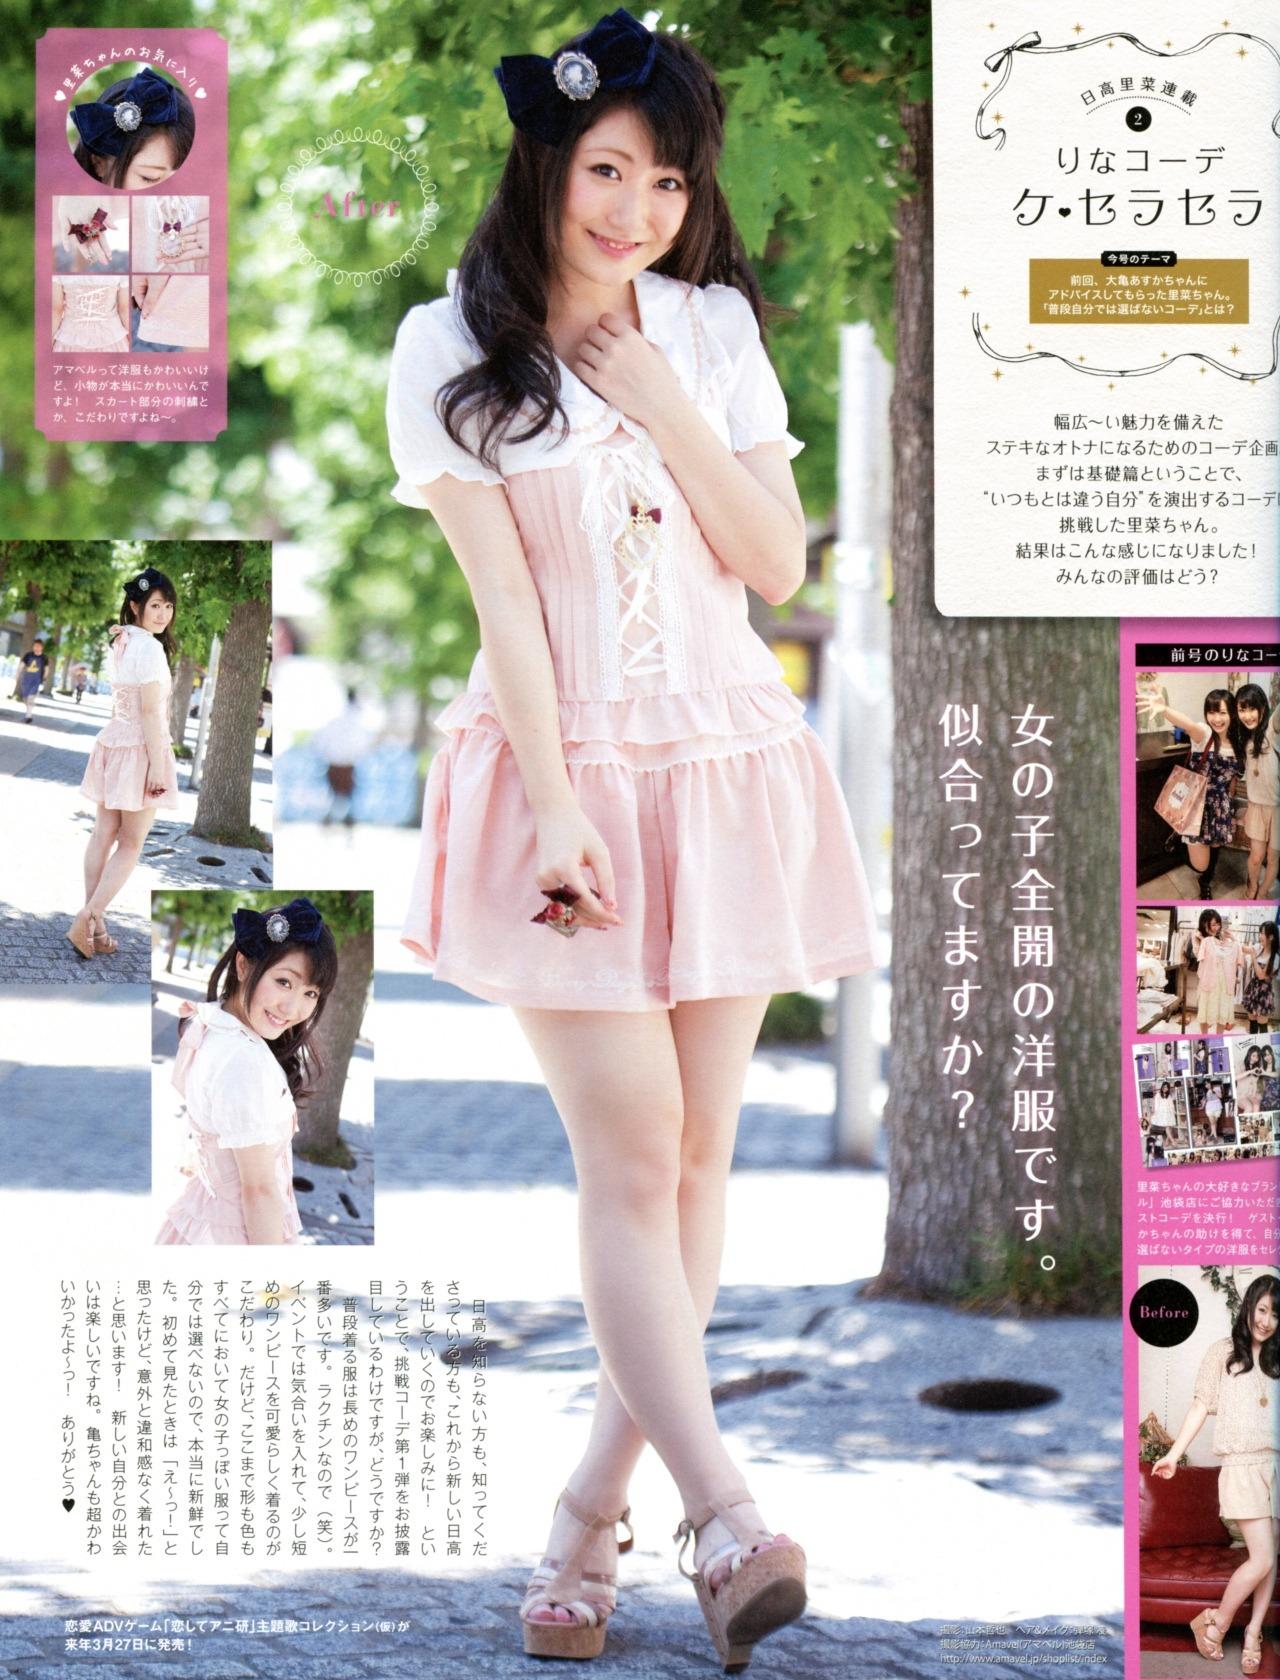 hidaka_rina008.jpg